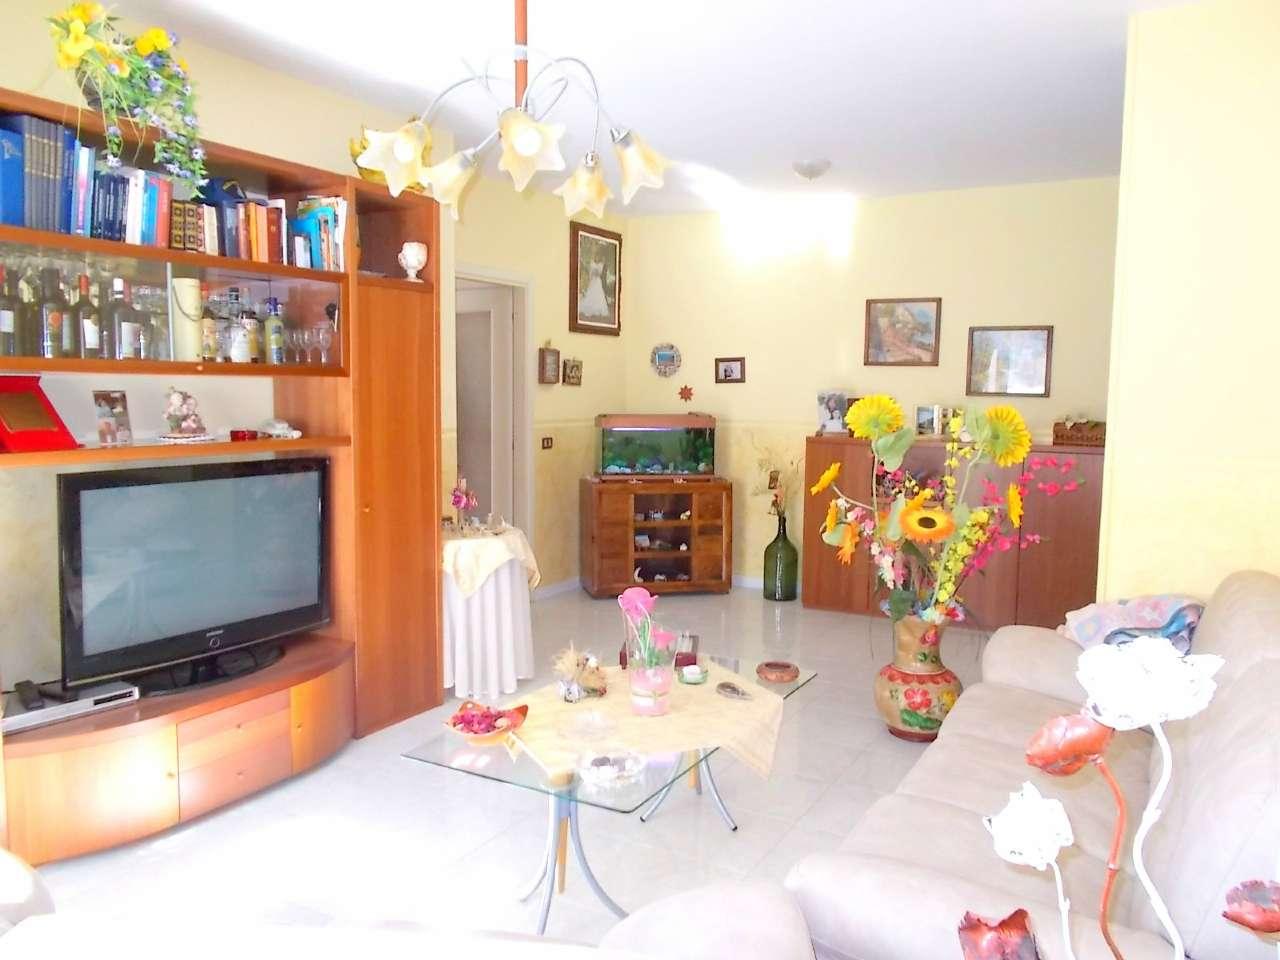 Appartamento in vendita a Santa Maria a Vico, 5 locali, prezzo € 116.000 | Cambio Casa.it